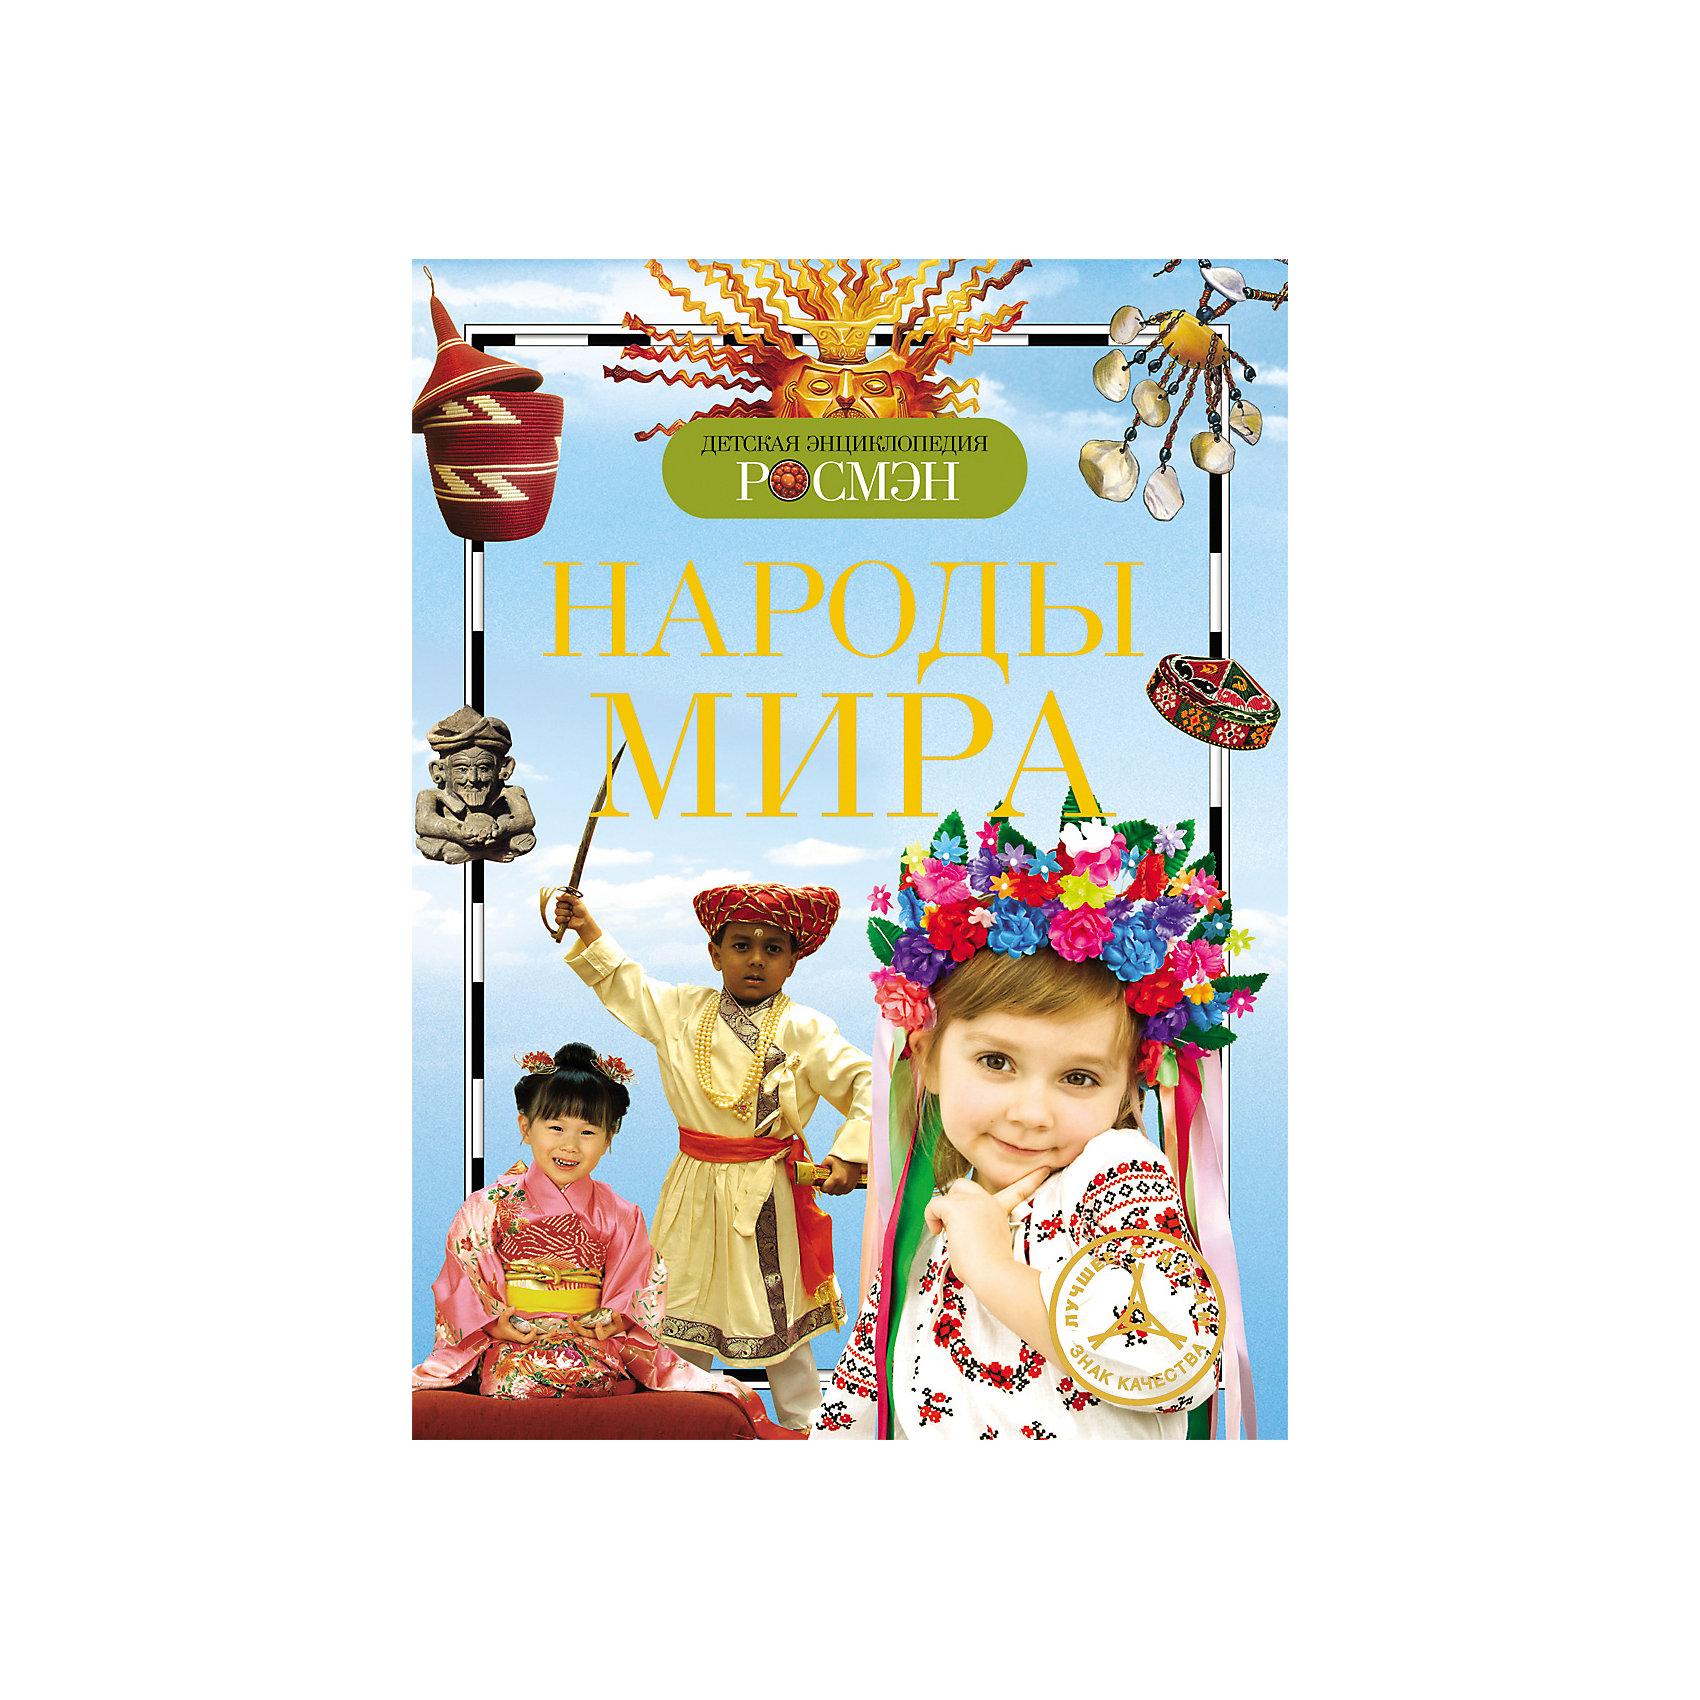 Народы мираХарактеристики товара:<br><br>- цвет: разноцветный;<br>- материал: бумага;<br>- страниц: 96;<br>- формат: 17 x 21 см;<br>- обложка: твердая;<br>- цветные иллюстрации.<br><br>Эта интересная книга с иллюстрациями станет отличным подарком для ребенка. Она содержит в себе ответы на вопросы, которые интересуют малышей. Всё представлено в очень простой форме! Талантливый иллюстратор дополнил книгу качественными рисунками, которые помогают ребенку понять суть многих вещей в нашем мире. Удивительные и интересные факты помогут привить любовь к учебе!<br>Чтение - отличный способ активизации мышления, оно помогает ребенку развивать зрительную память, концентрацию внимания и воображение. Издание произведено из качественных материалов, которые безопасны даже для самых маленьких.<br><br>Книгу Народы мира от компании Росмэн можно купить в нашем интернет-магазине.<br><br>Ширина мм: 220<br>Глубина мм: 165<br>Высота мм: 8<br>Вес г: 223<br>Возраст от месяцев: 84<br>Возраст до месяцев: 108<br>Пол: Унисекс<br>Возраст: Детский<br>SKU: 5109984